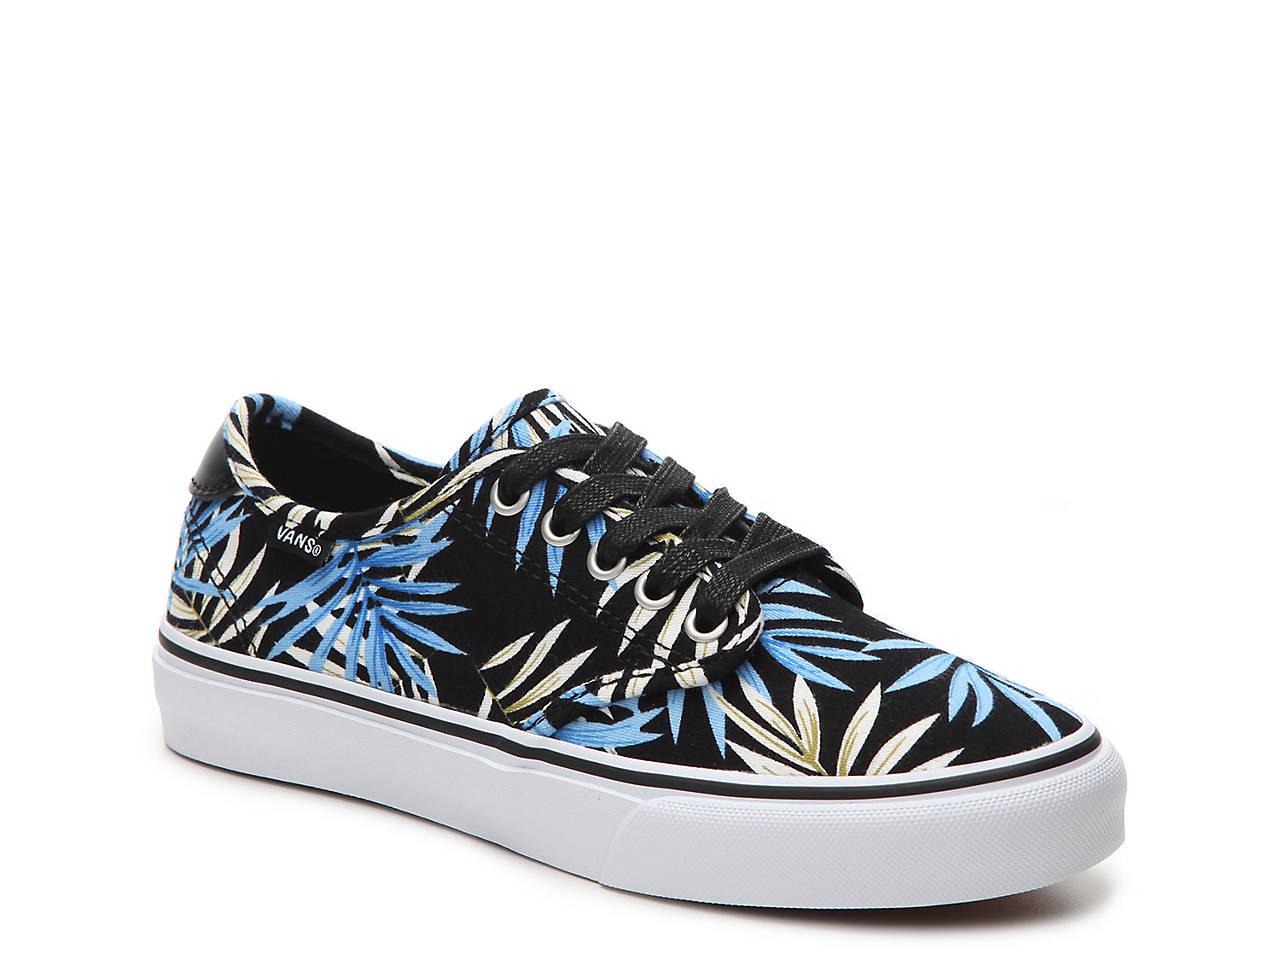 7ca7d73dda6 Vans Camden Deluxe Palm Sneaker - Women s Women s Shoes